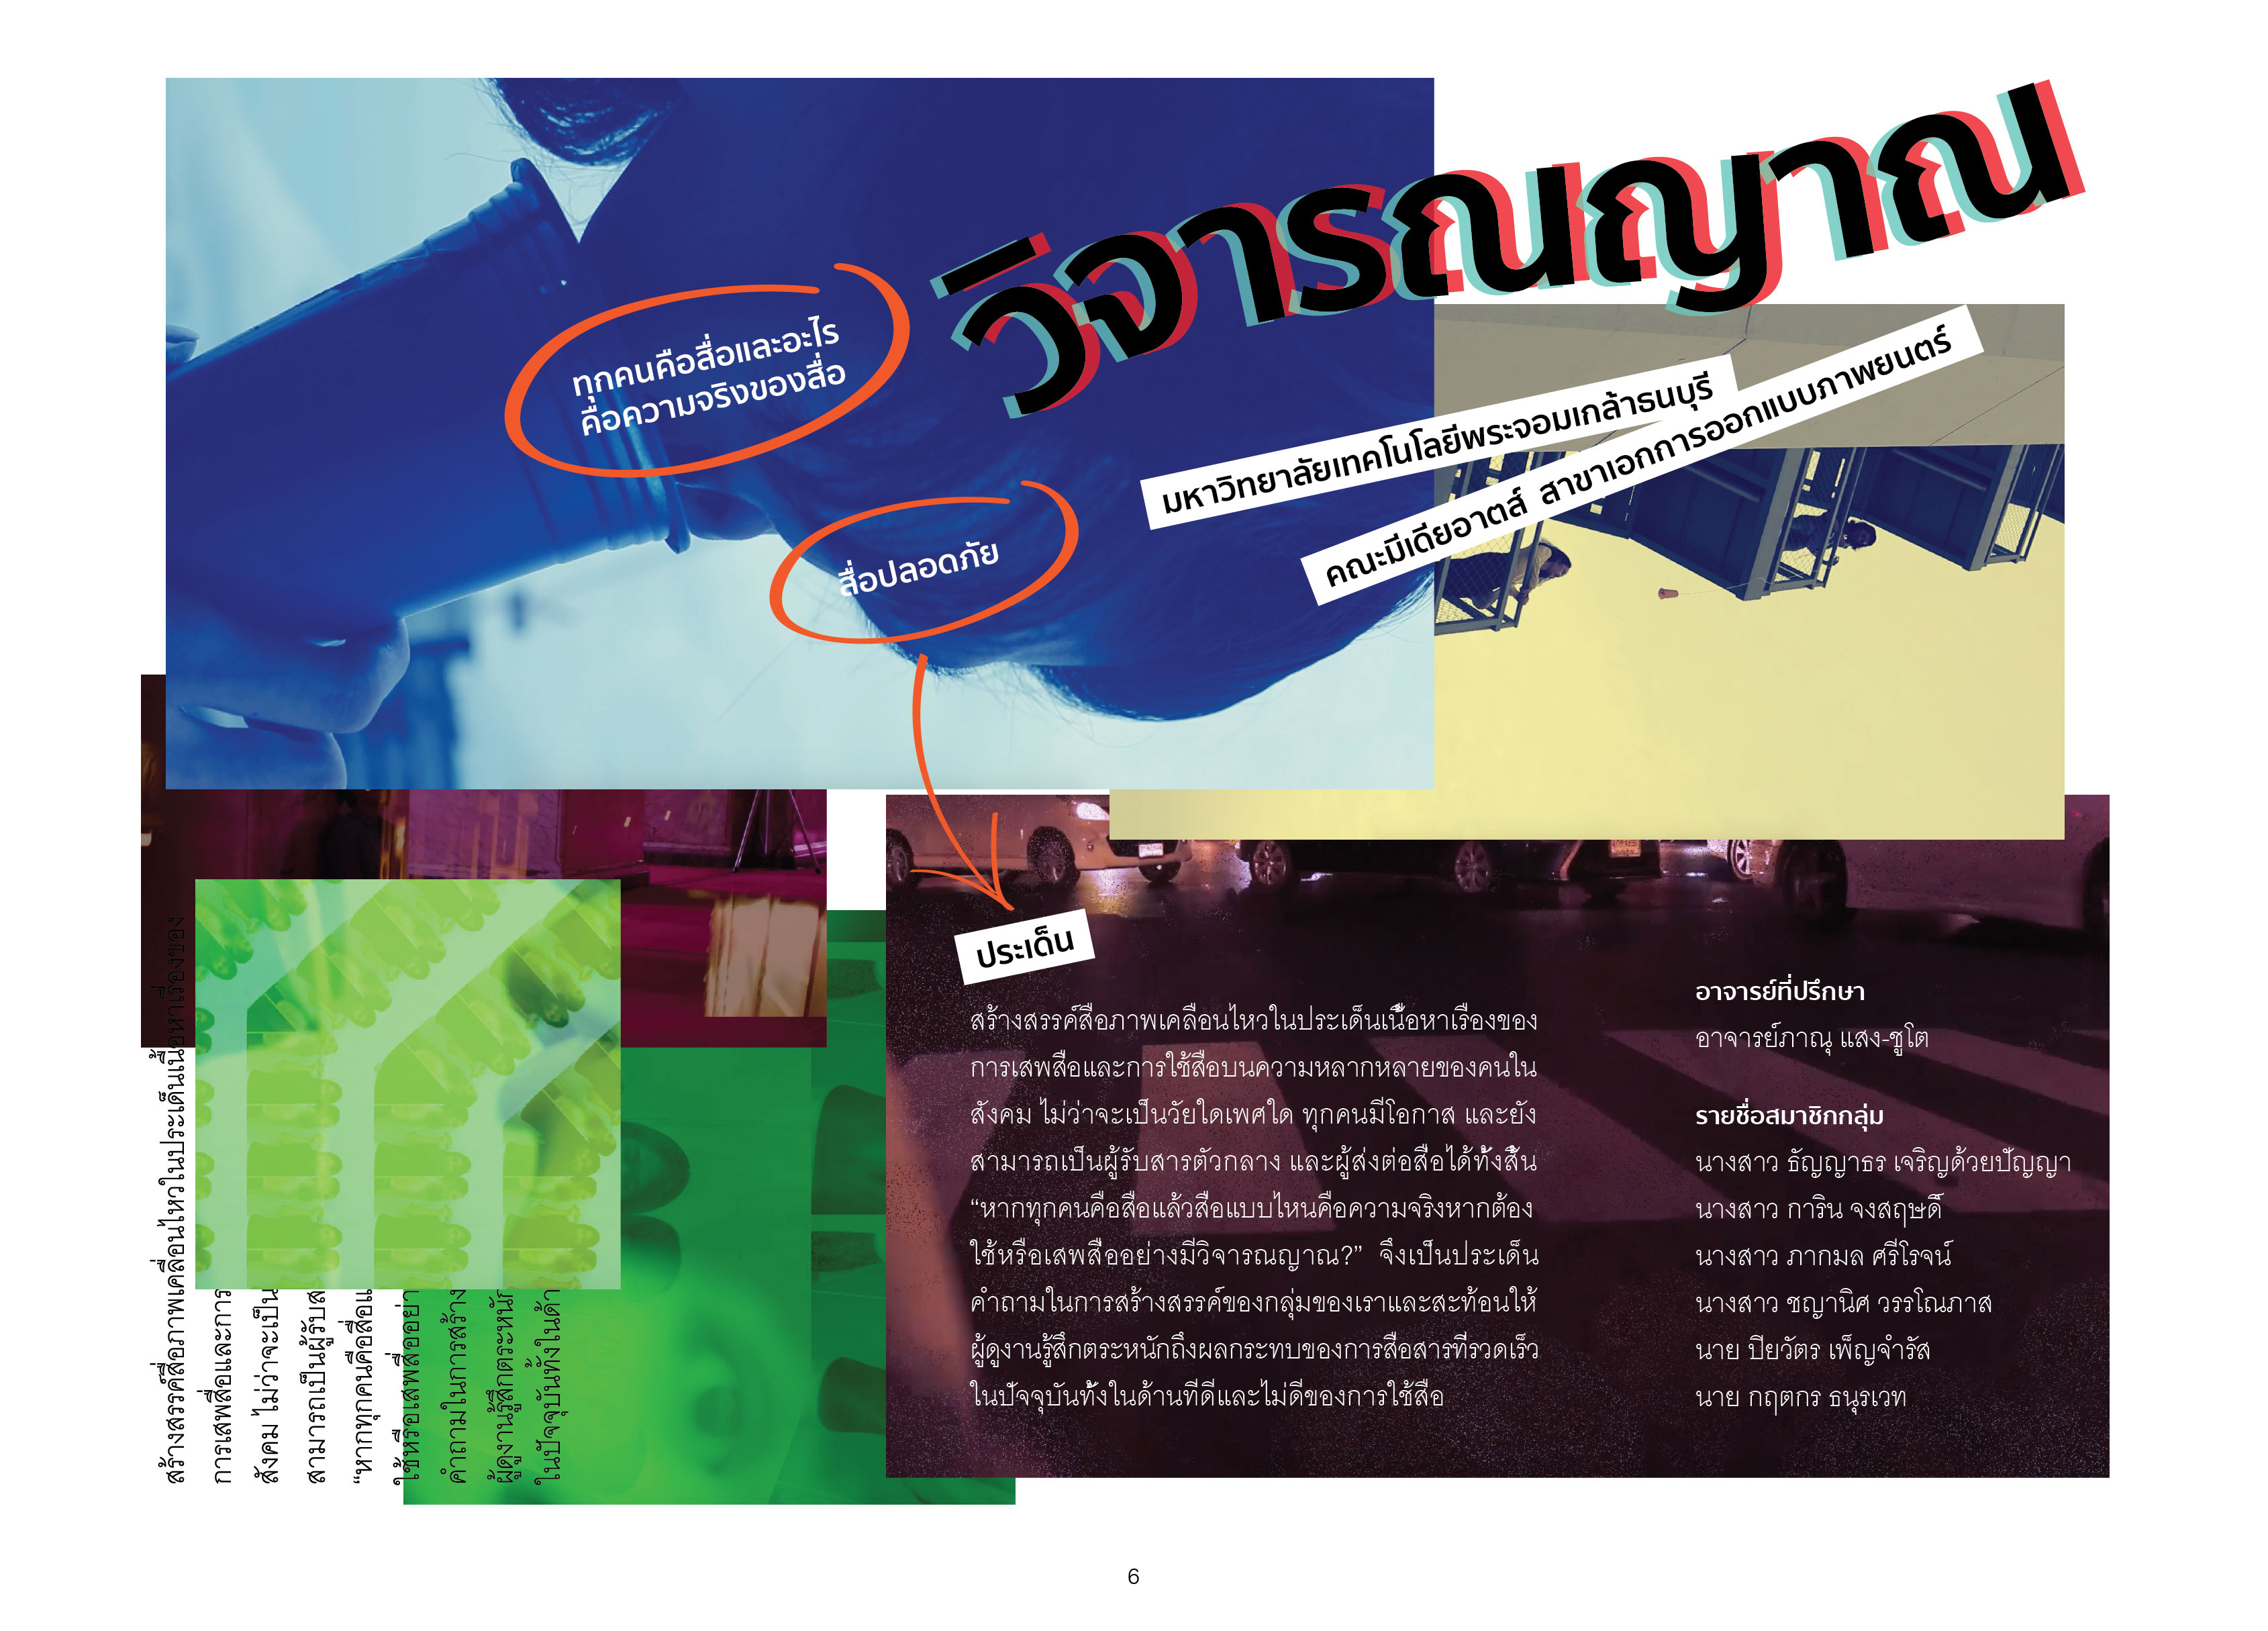 วิจารณญาณ  โดย คณะมีเดียอาตส์ มหาวิทยาลัยเทคโนโลยีพระจอมเกล้าธนบุรี